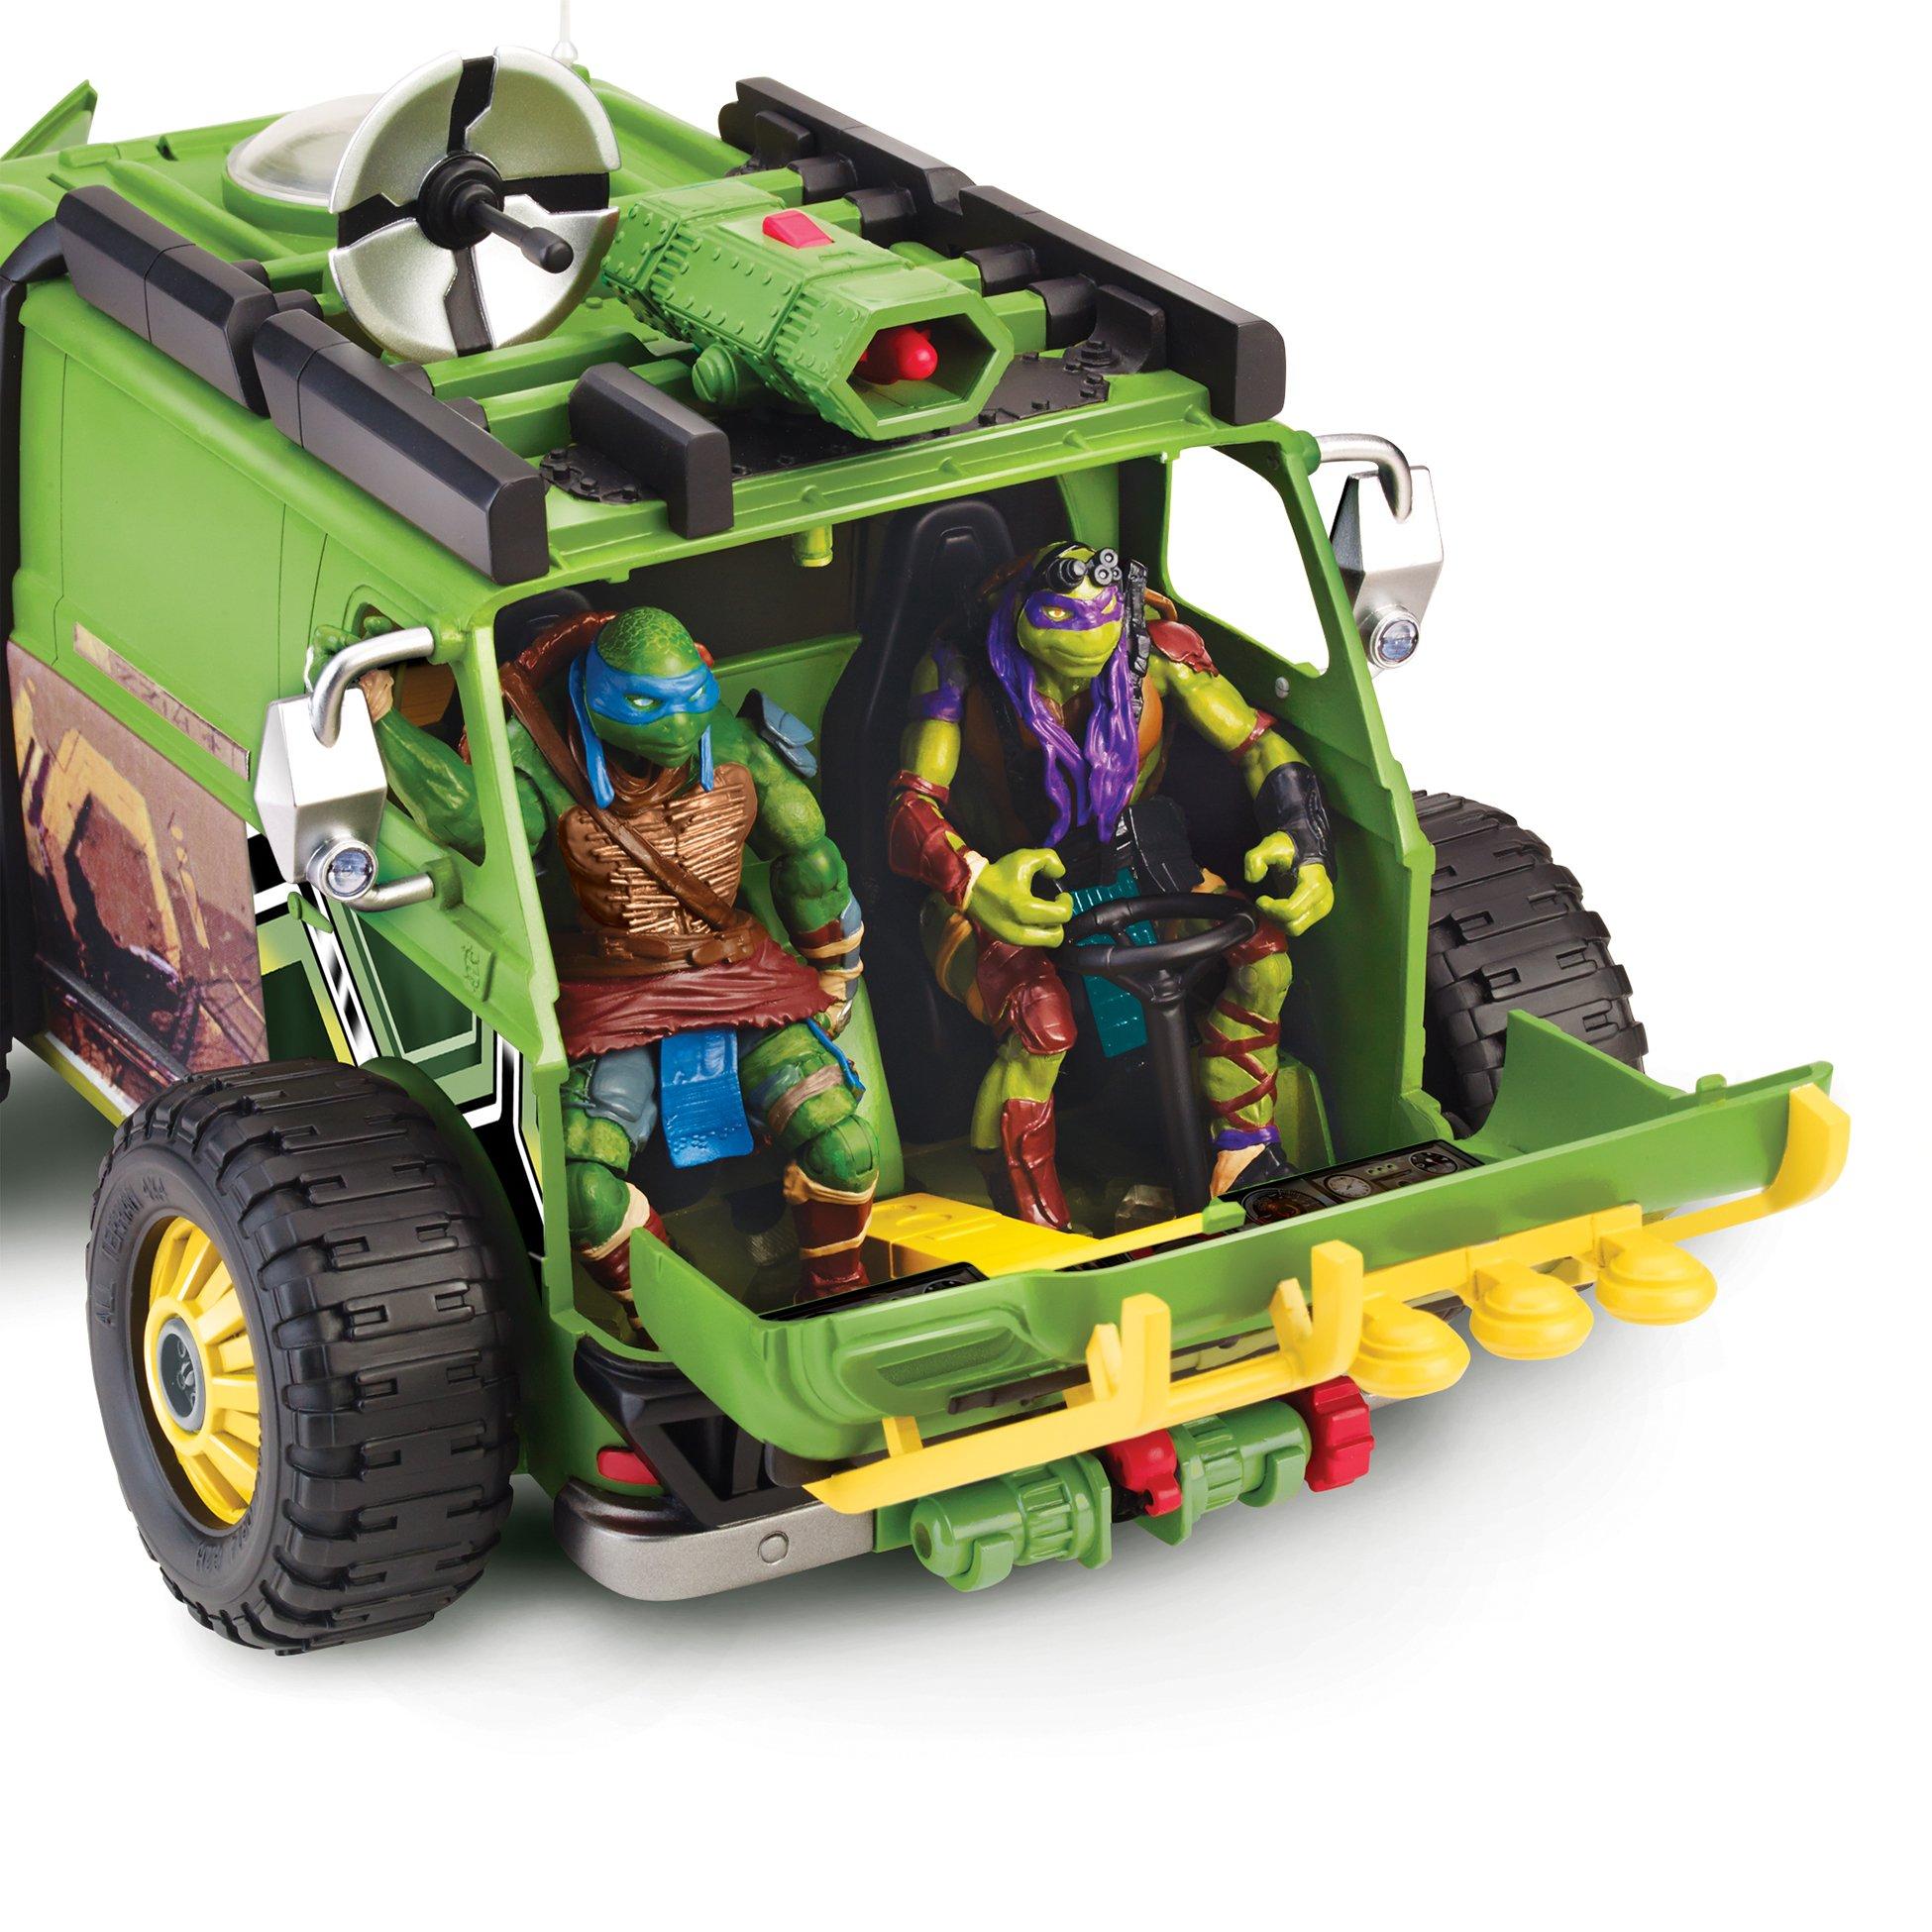 Teenage Mutant Ninja Turtles Movie Van by Nickelodeon (Image #3)